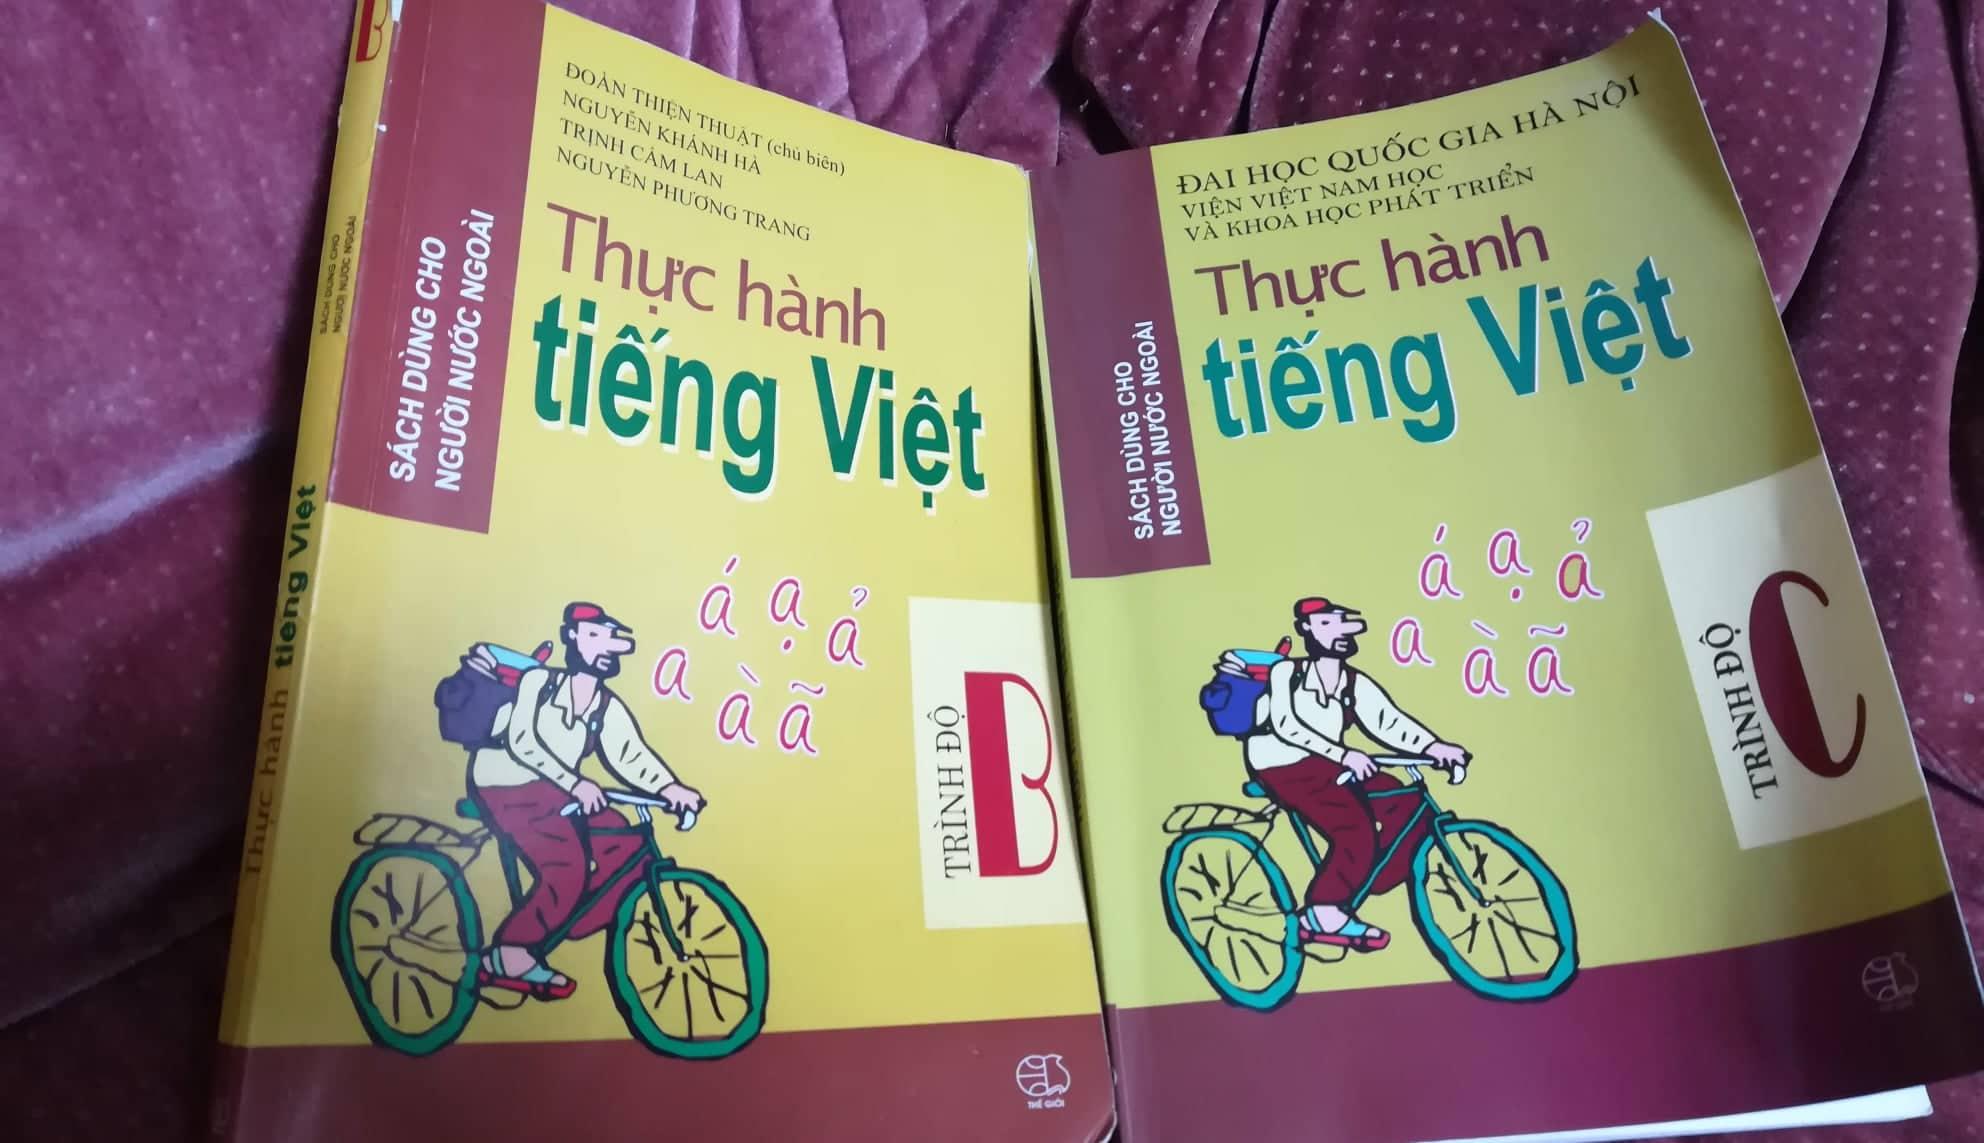 ベトナム語検定で勉強すべき参考書や過去問・難易度などを徹底解説